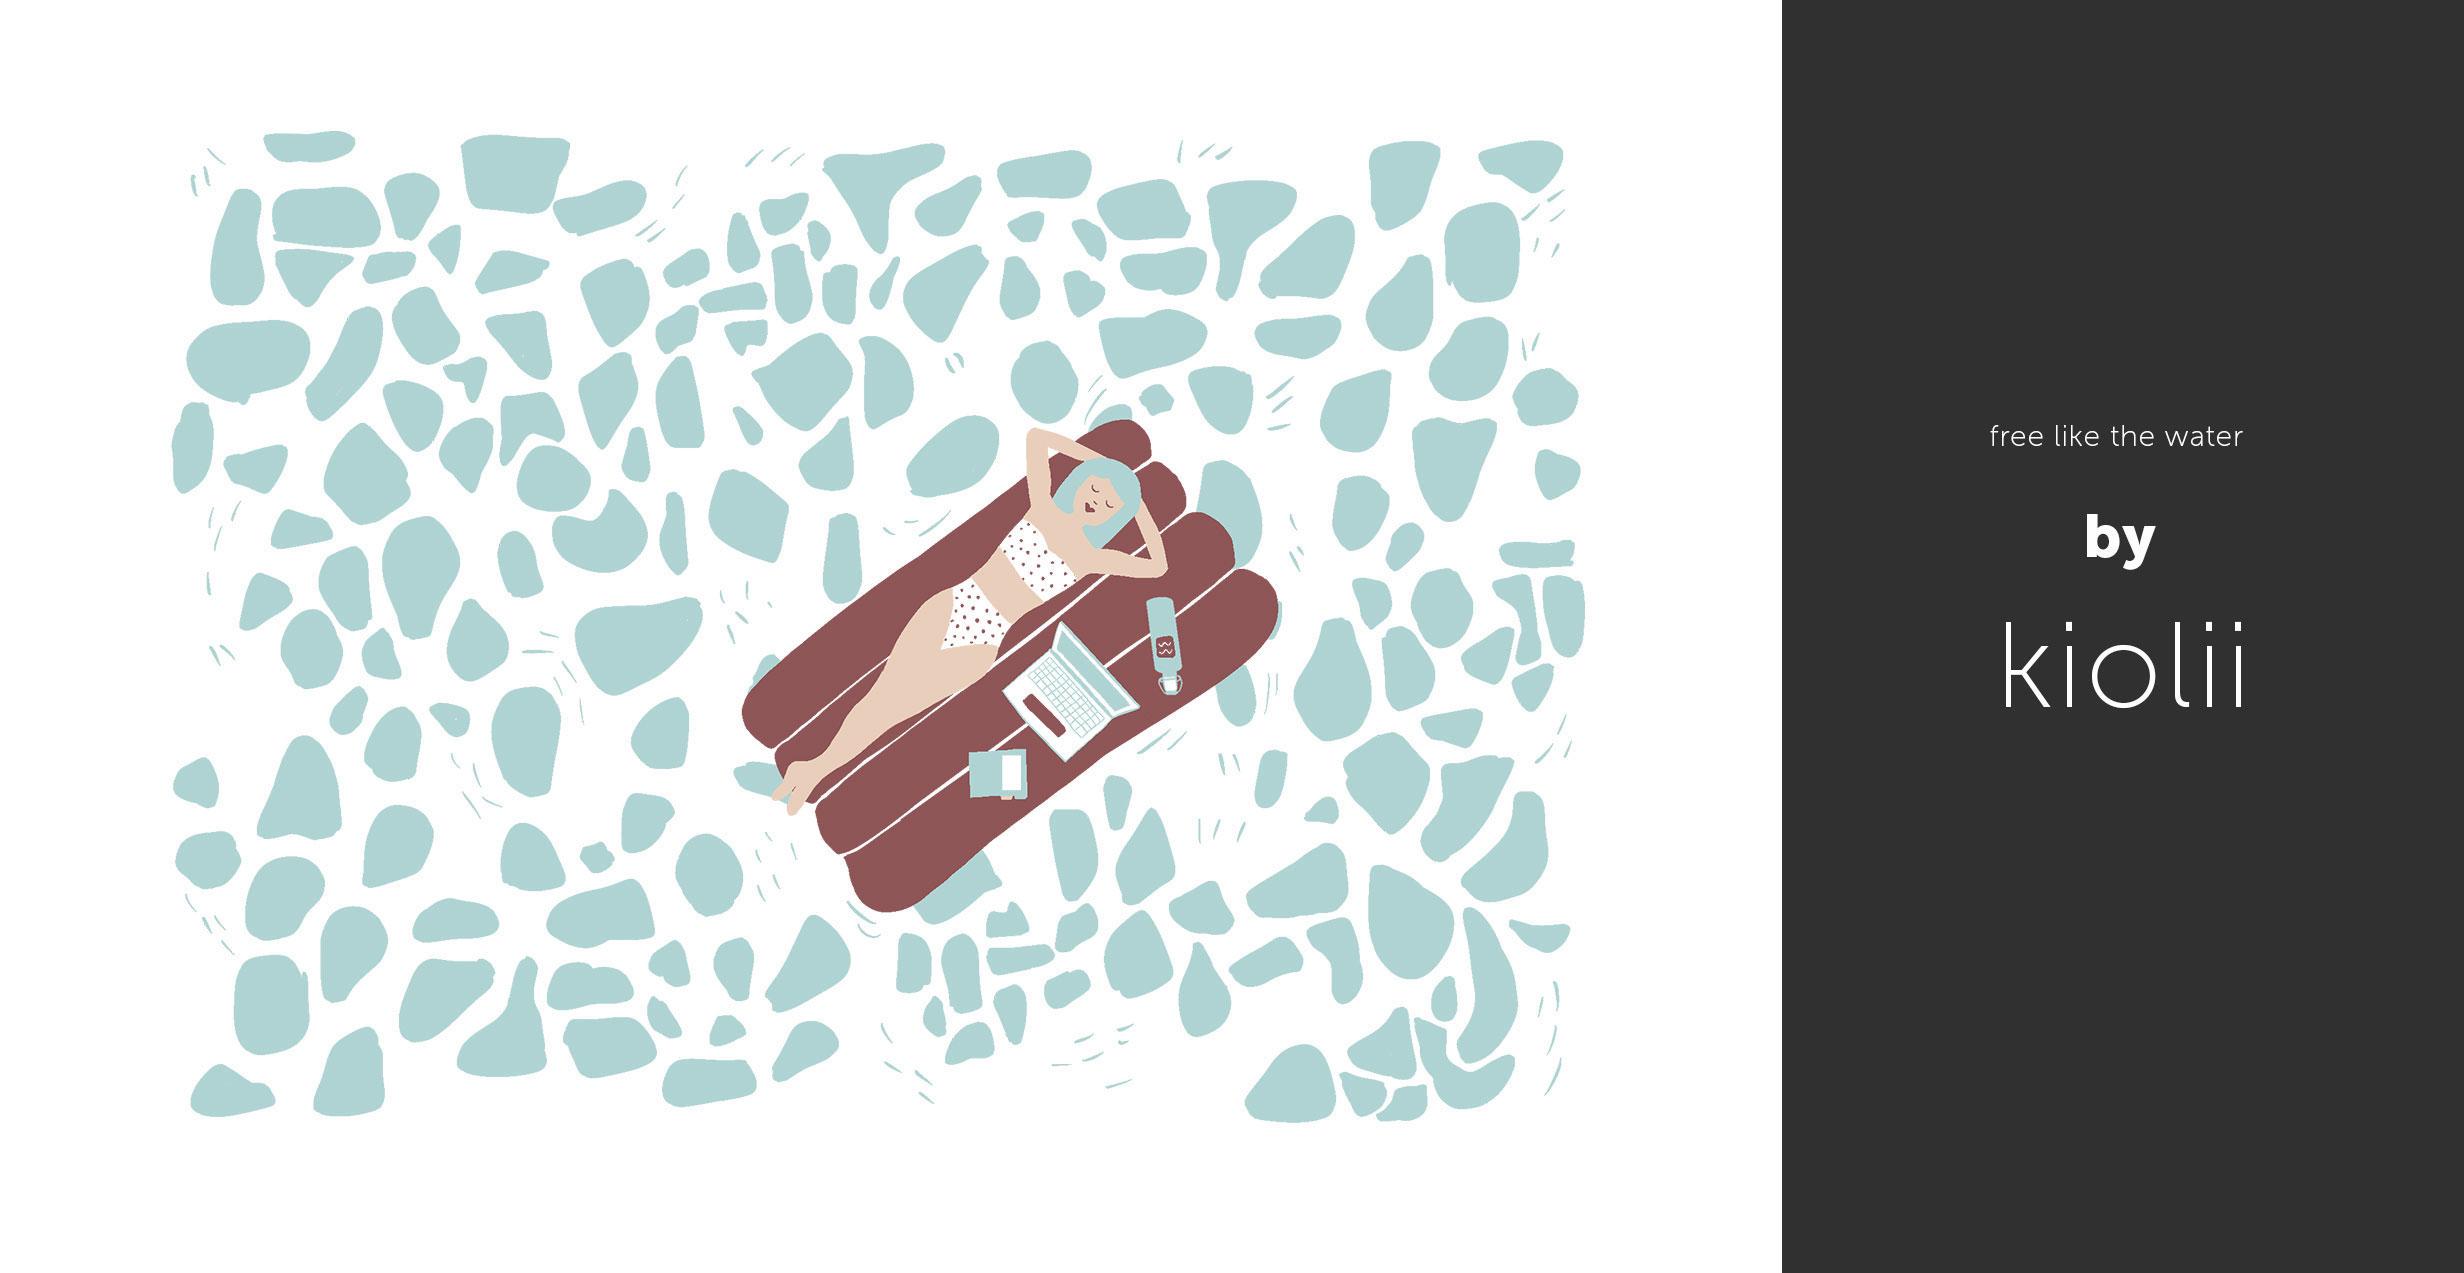 design-contest-trinkflaschen-motiv-soulbottles-kiolii